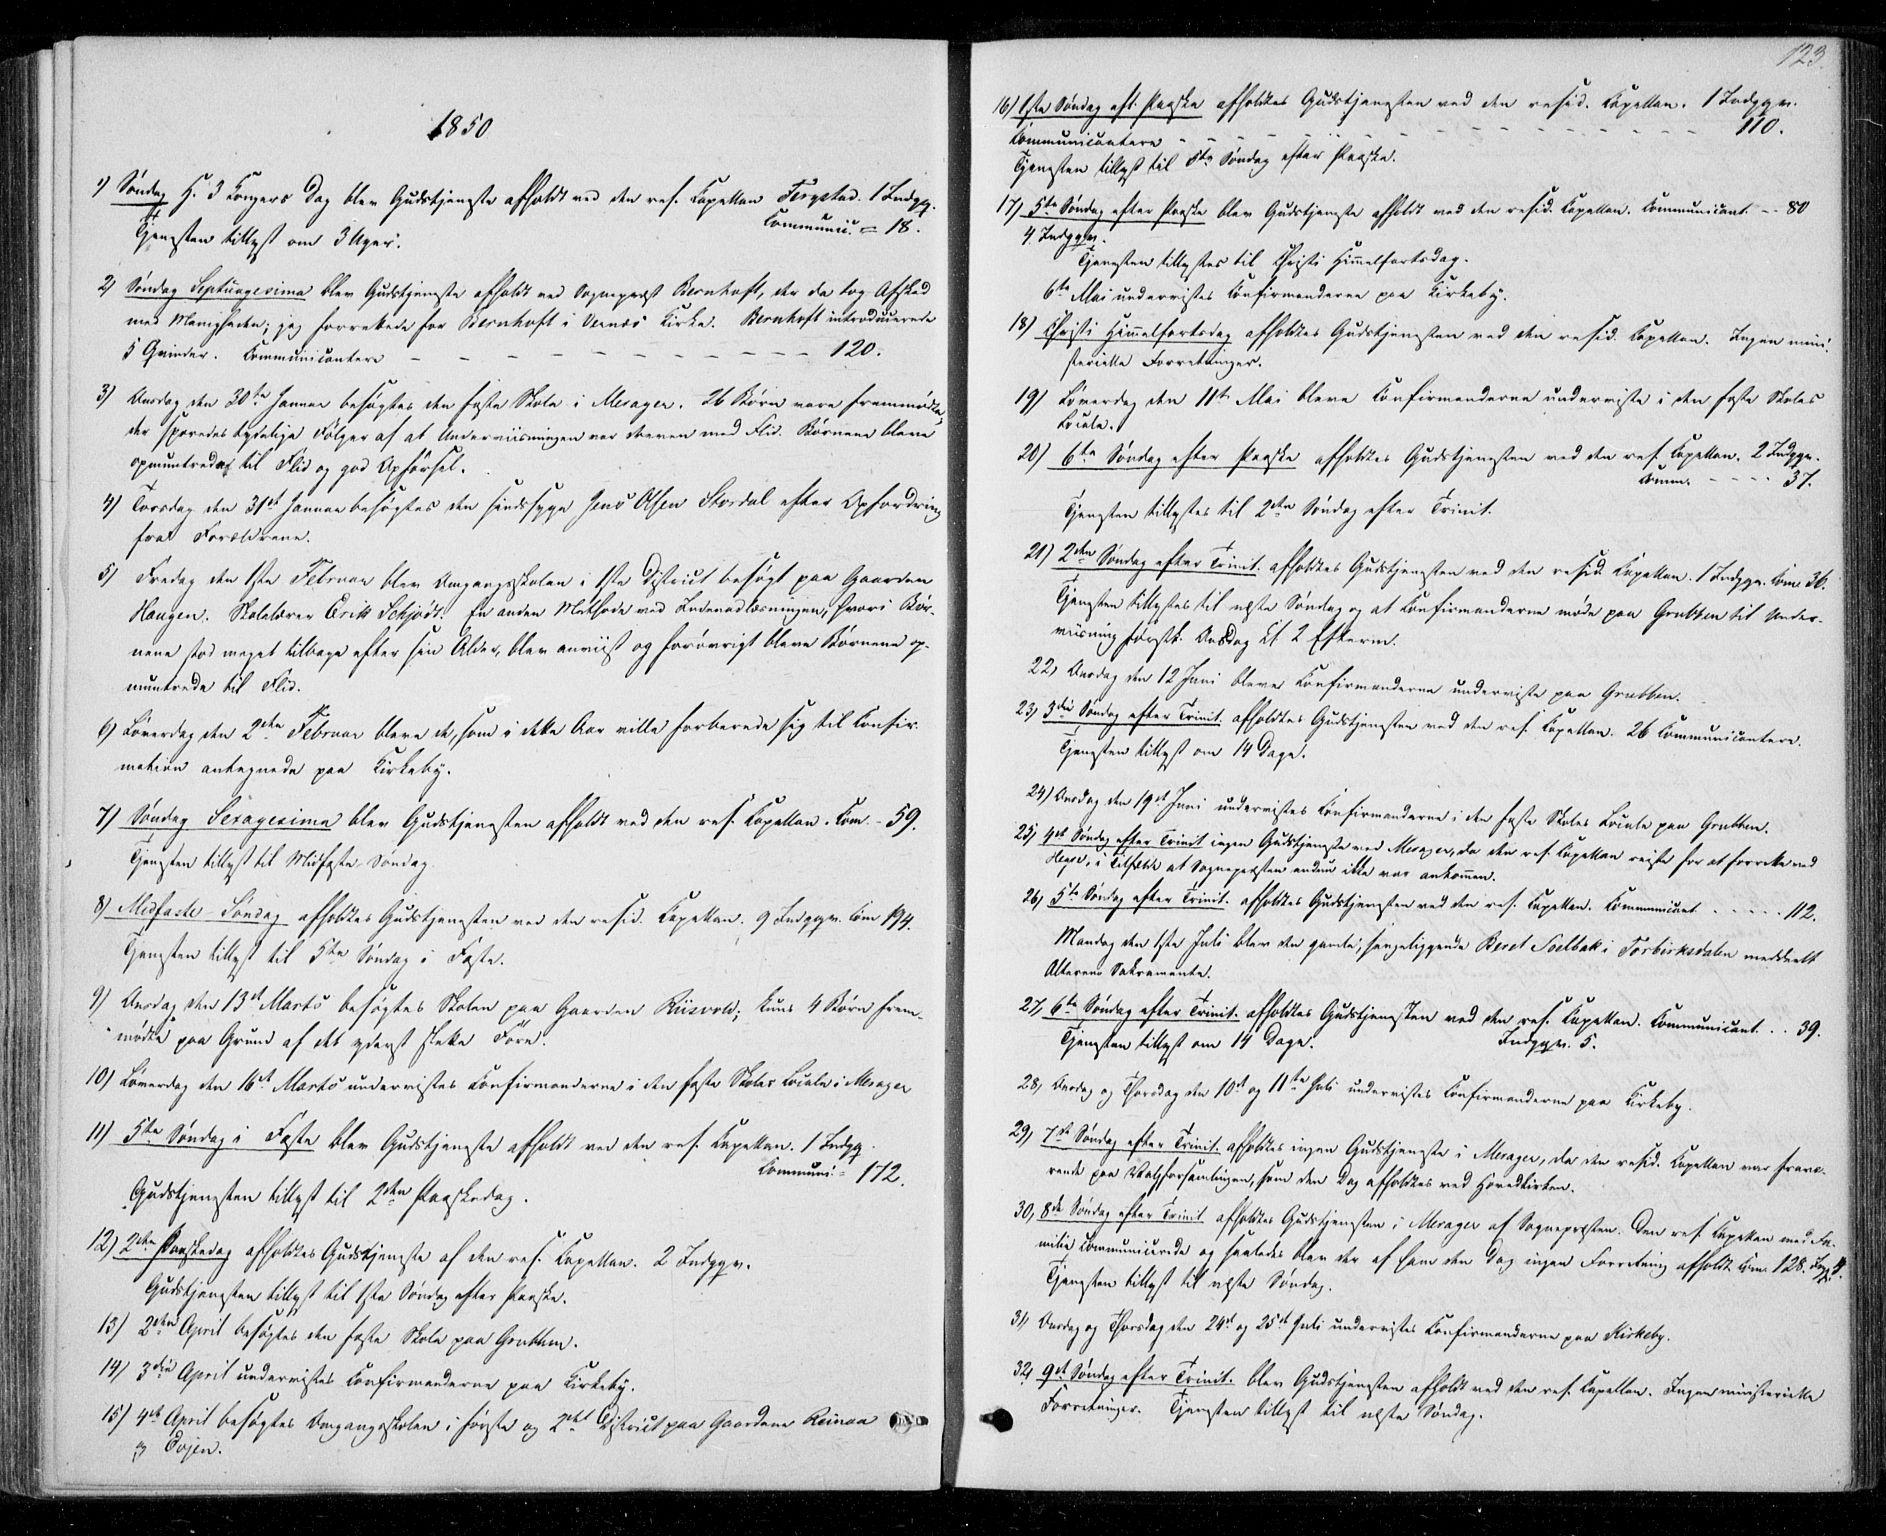 SAT, Ministerialprotokoller, klokkerbøker og fødselsregistre - Nord-Trøndelag, 706/L0040: Ministerialbok nr. 706A01, 1850-1861, s. 123